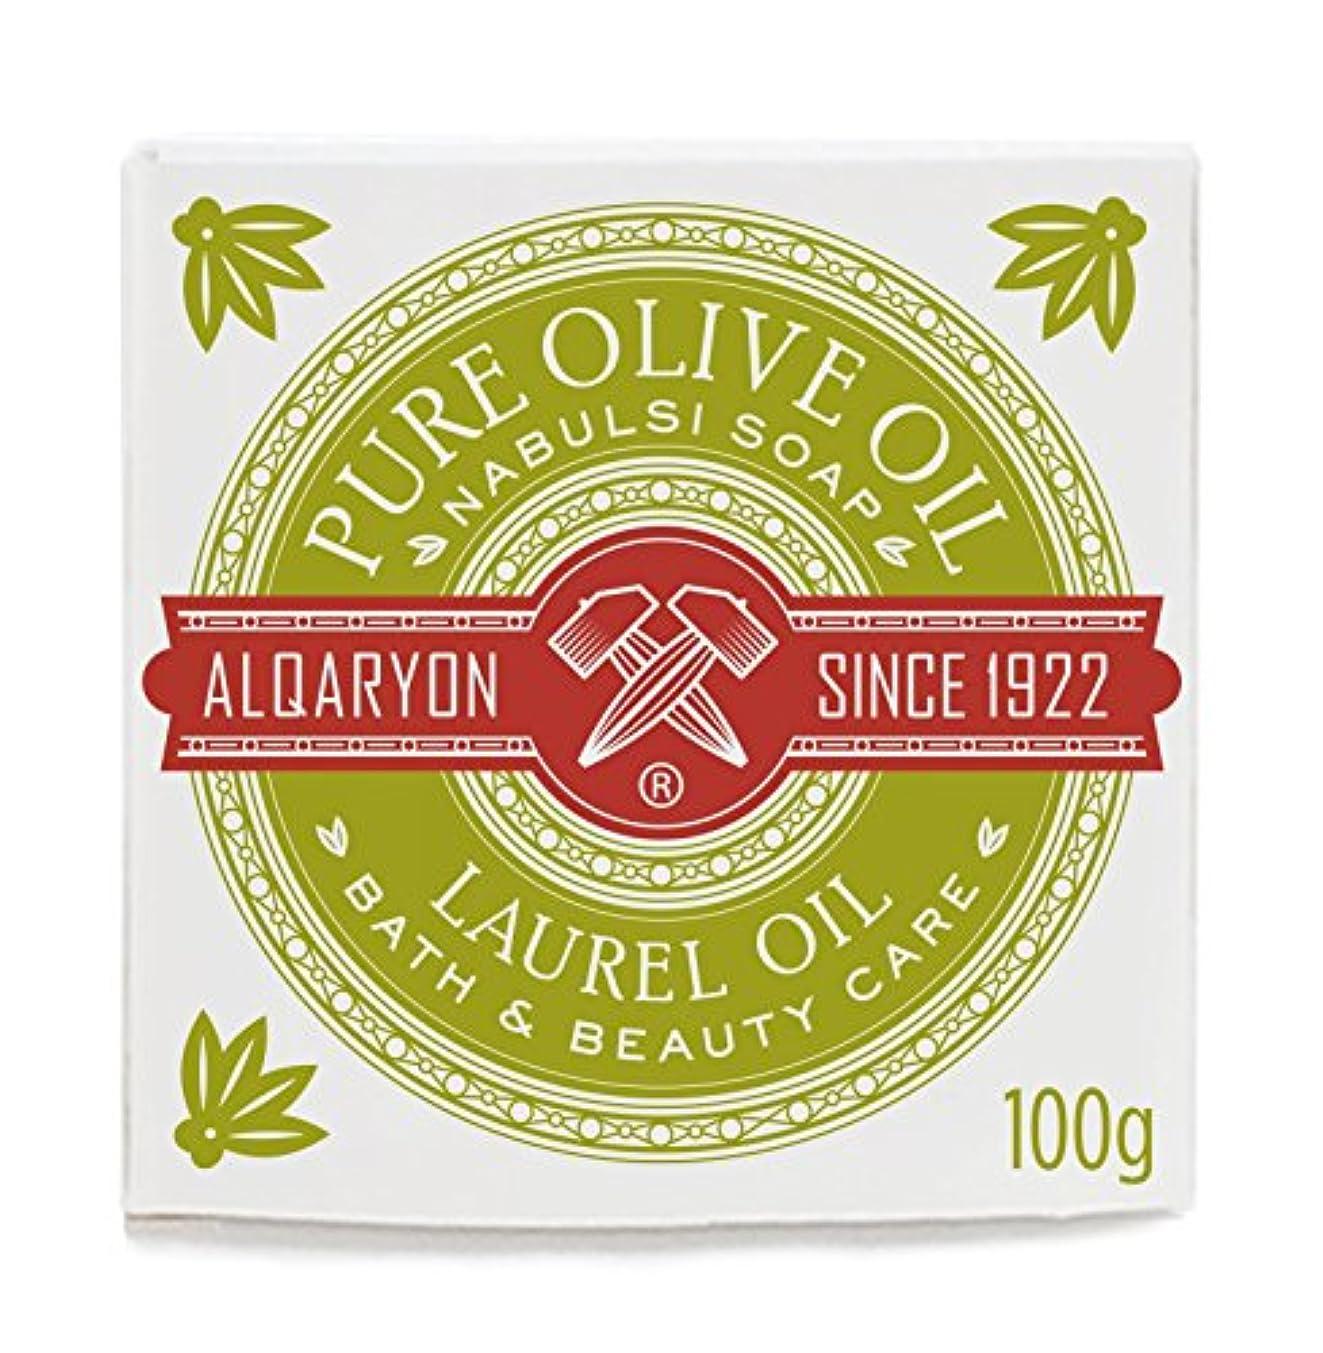 スタック思い出す麻酔薬Alqaryon Laurel Oil & Olive Oil Bar Soap Pack of 4 - AlqaryonのローレルオイルI&オリーブオイル ソープ、バス & ビューティー ケア、100gの石鹸4個のパック